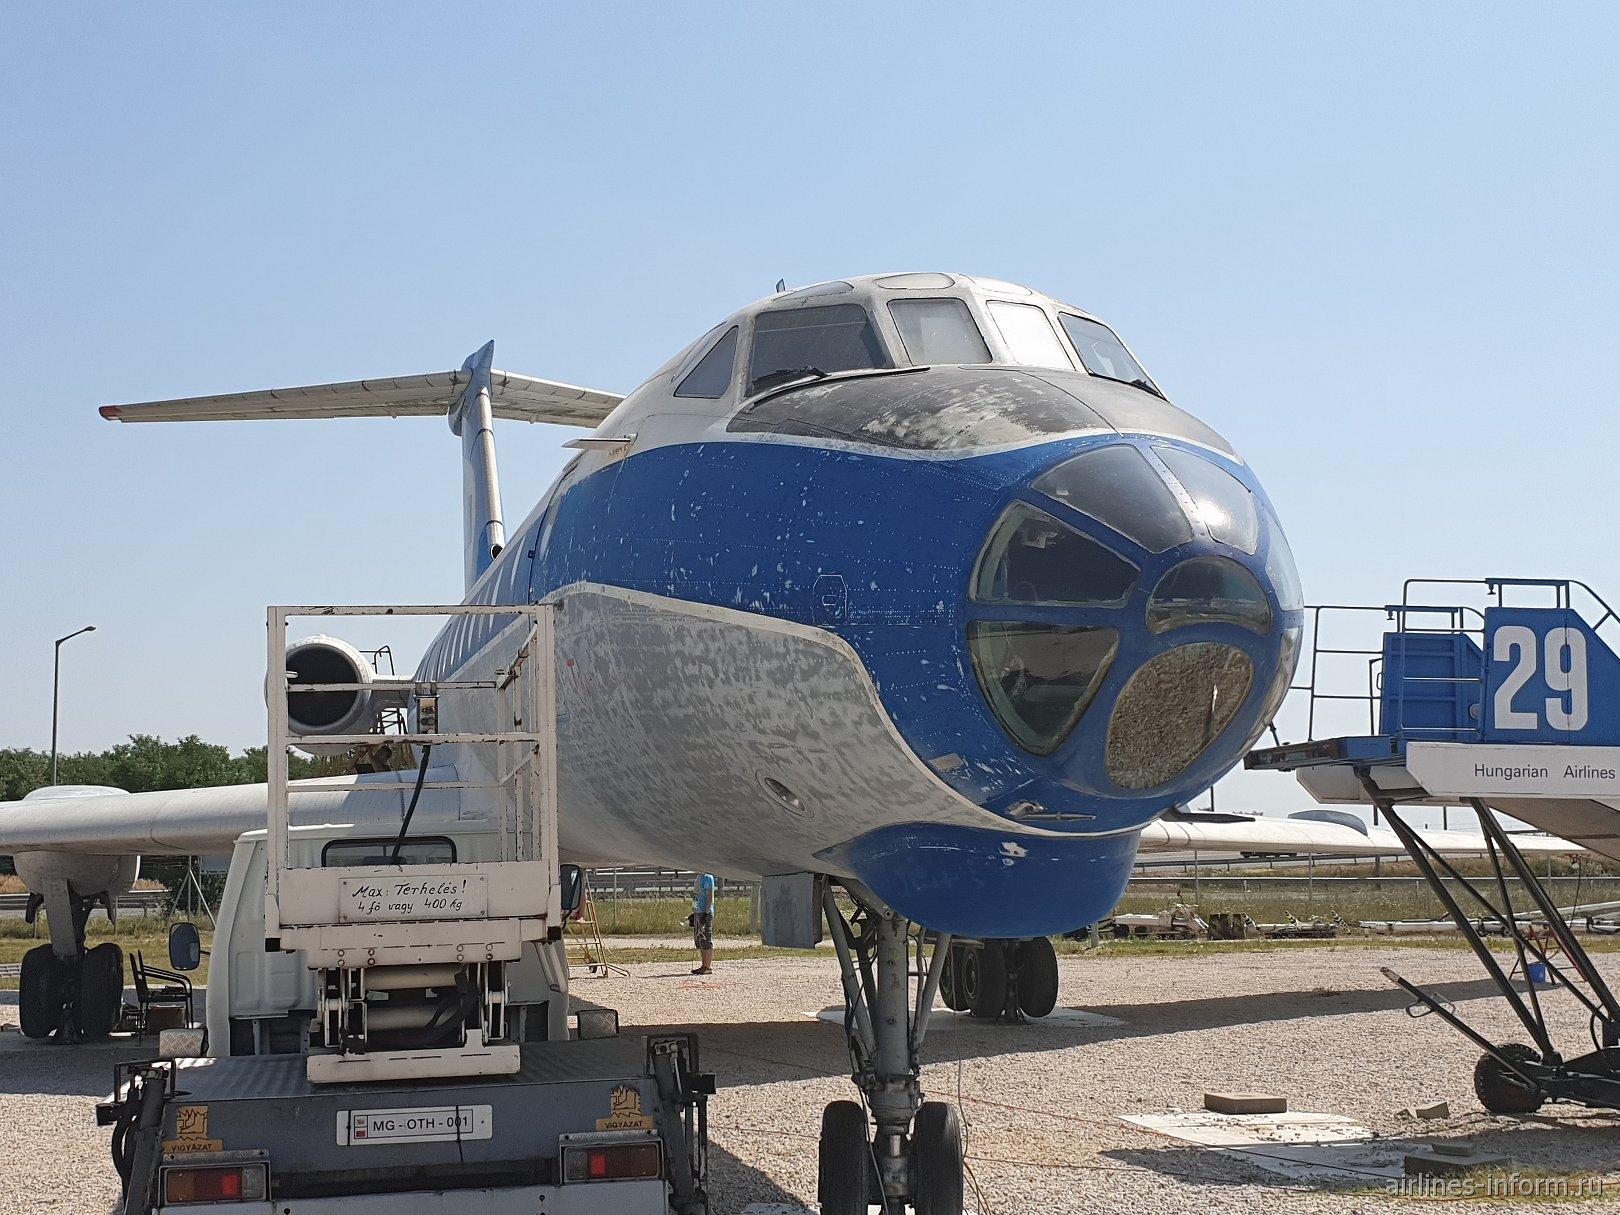 Самолет Ту-134 HA-LBE авиакомпании Malev в музее аэропорта Будапешт